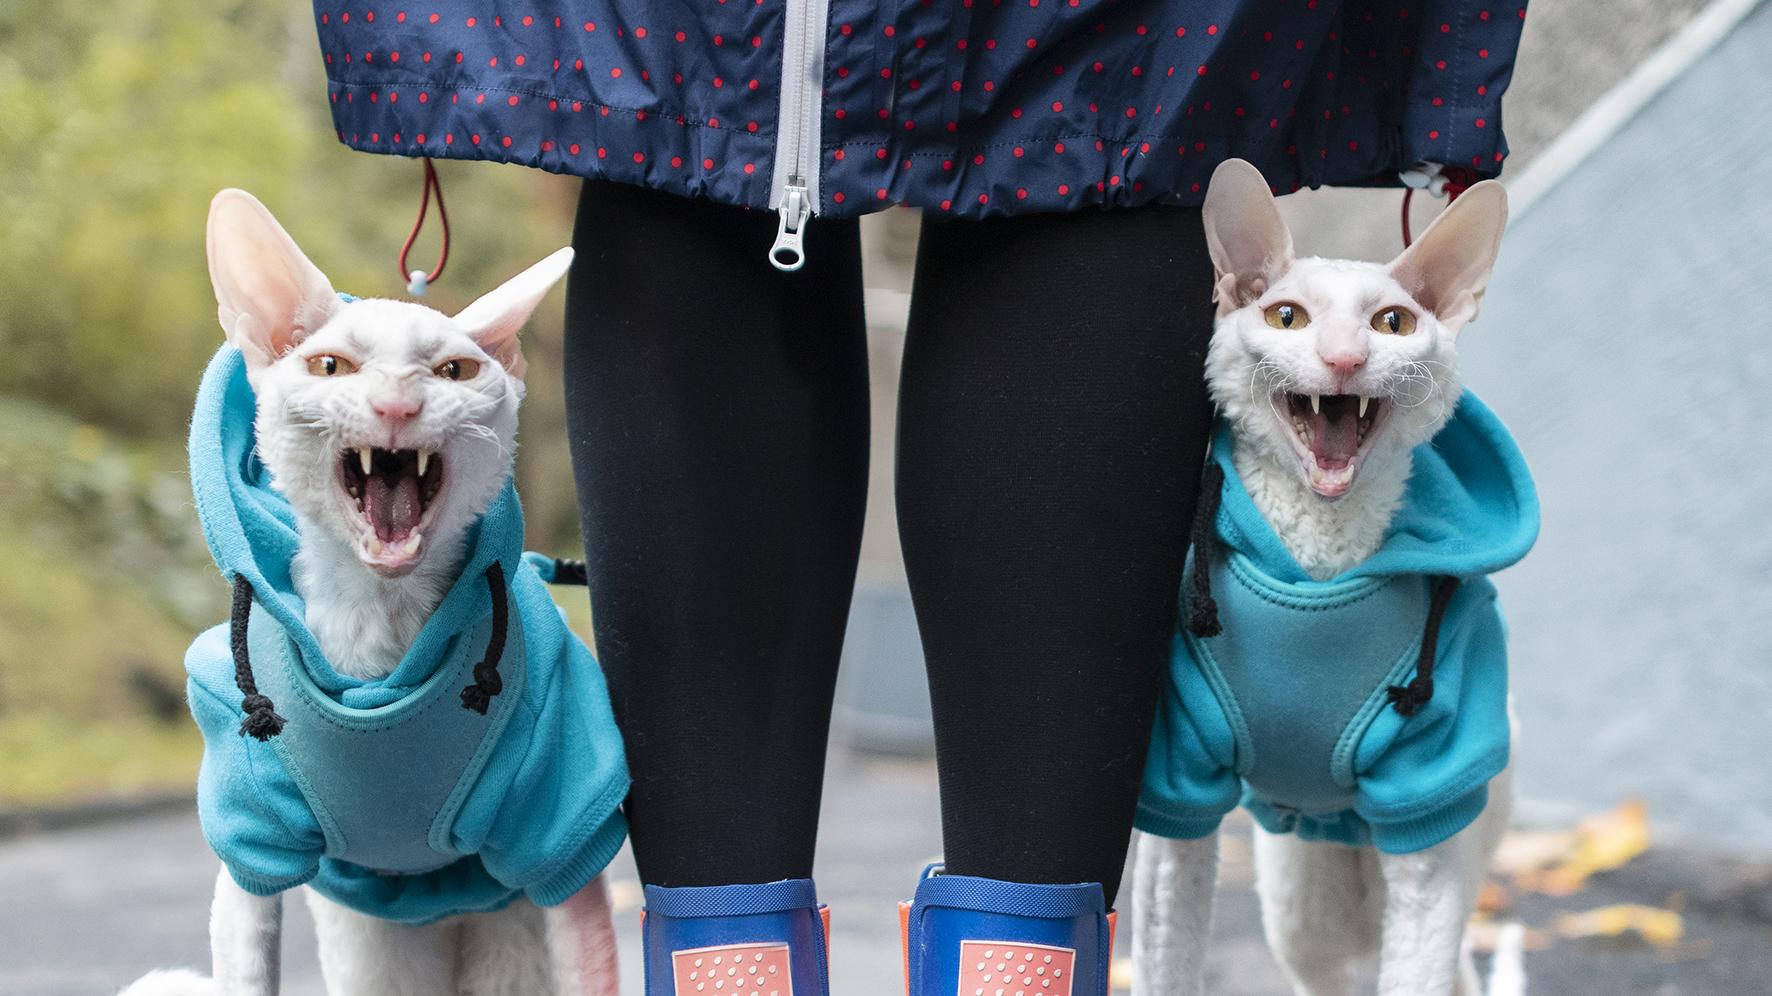 Mäyrä-Kaarloa ja Mauno Muikkusta seuraa Instagramissa 29 000 ihmistä. Kissat rakastavat hihnassa ulkoilua.